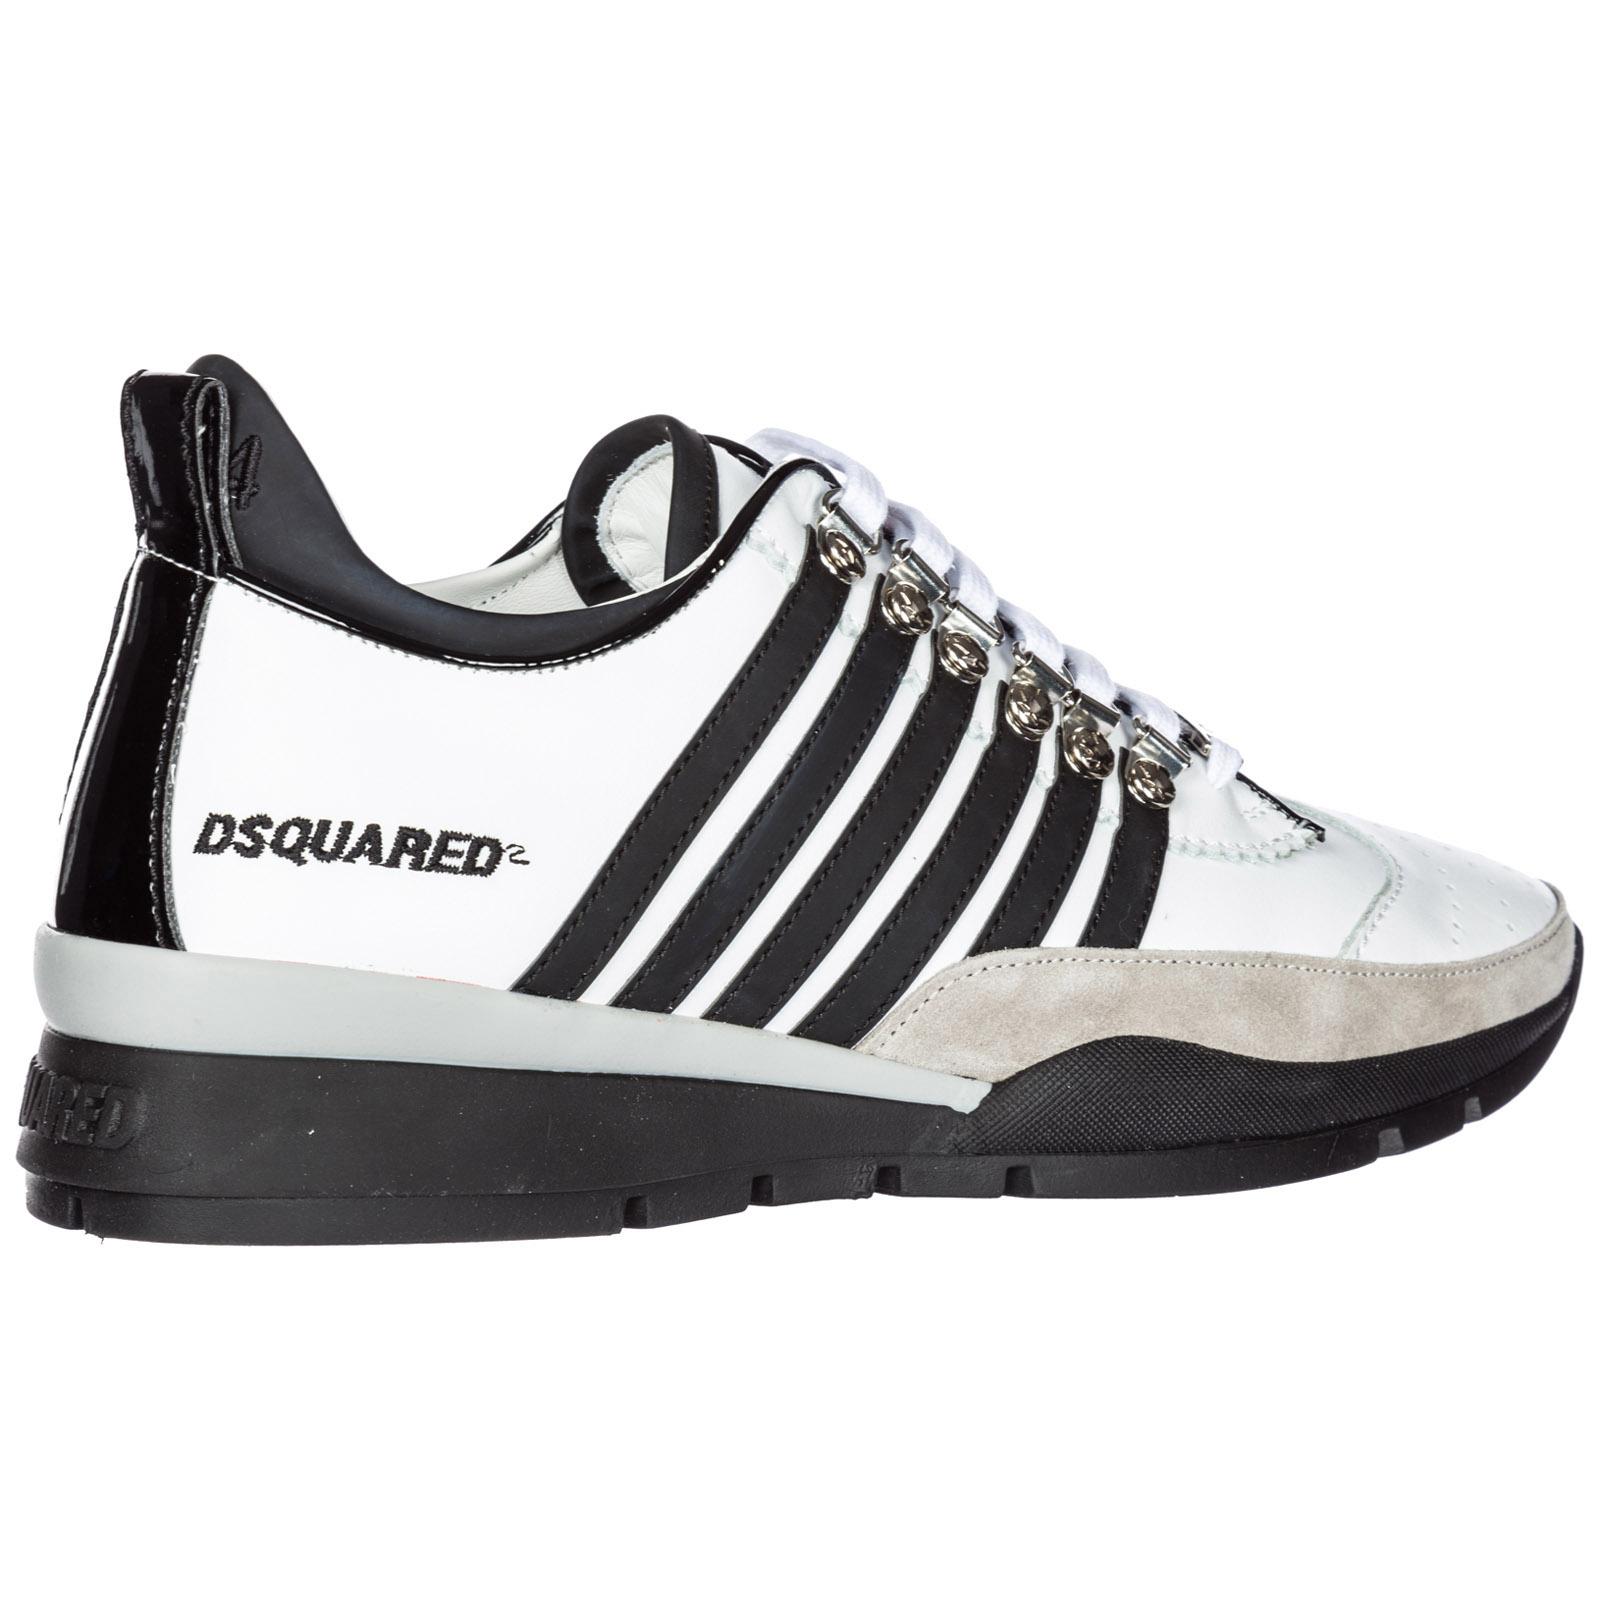 988de2b8ea81f Zapatillas deportivas Dsquared2 251 SNM010111570001M1537 bianco + ...